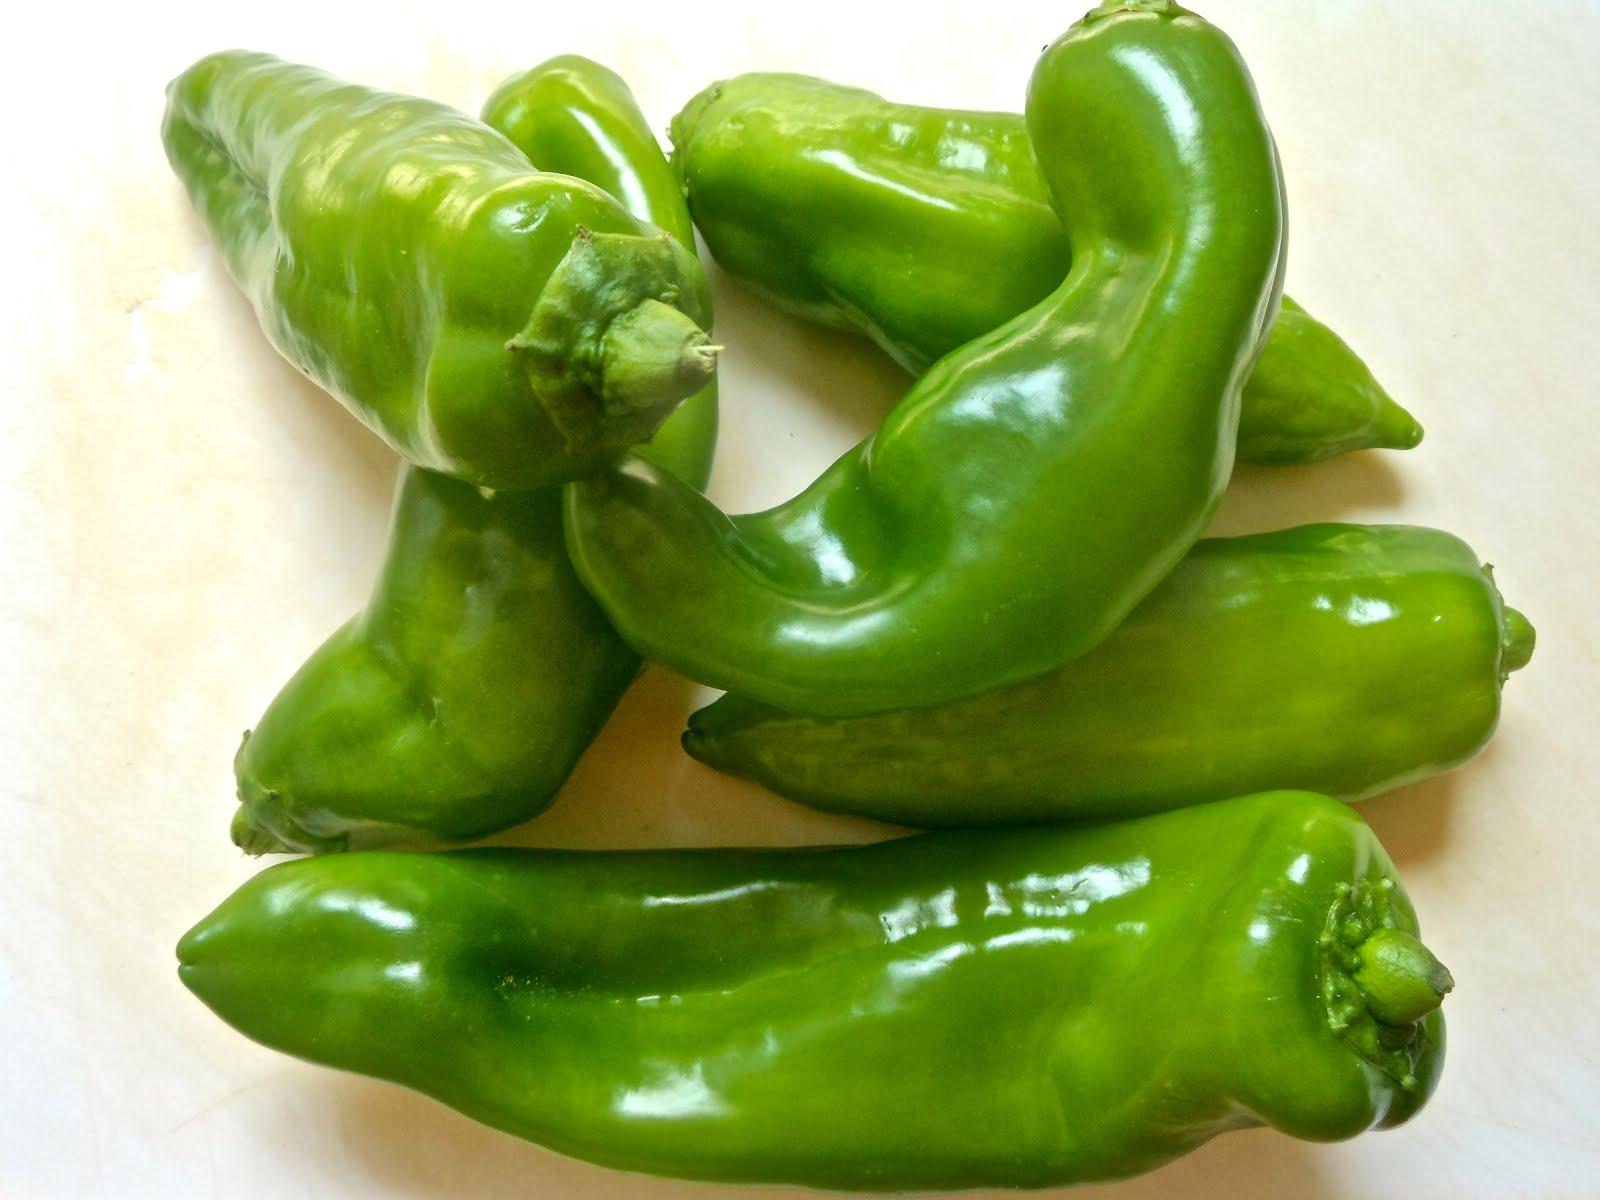 236 c mo fre r pimientos verdes el delantal rojo - Como hacer pimientos verdes fritos ...